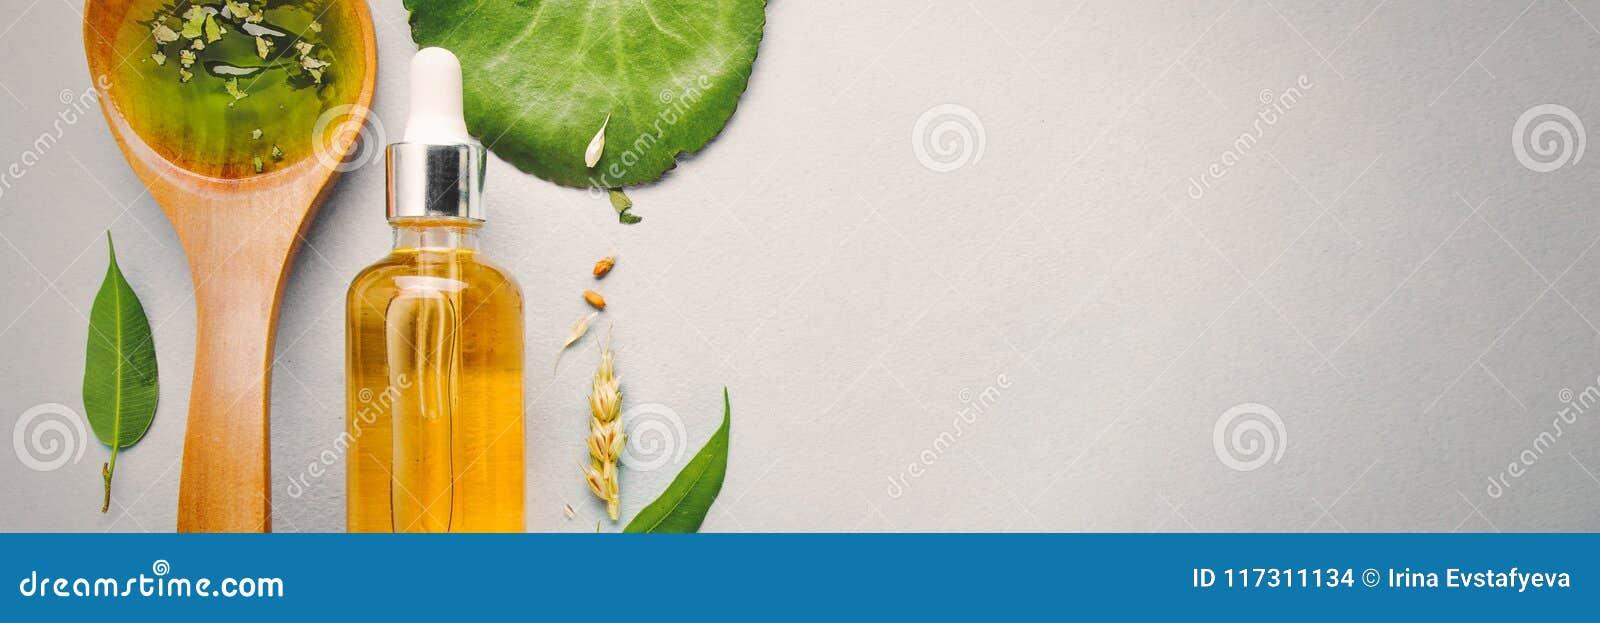 Homöopathische Öle, diätetische Ergänzungen für intestinale Gesundheit, Hautpflege